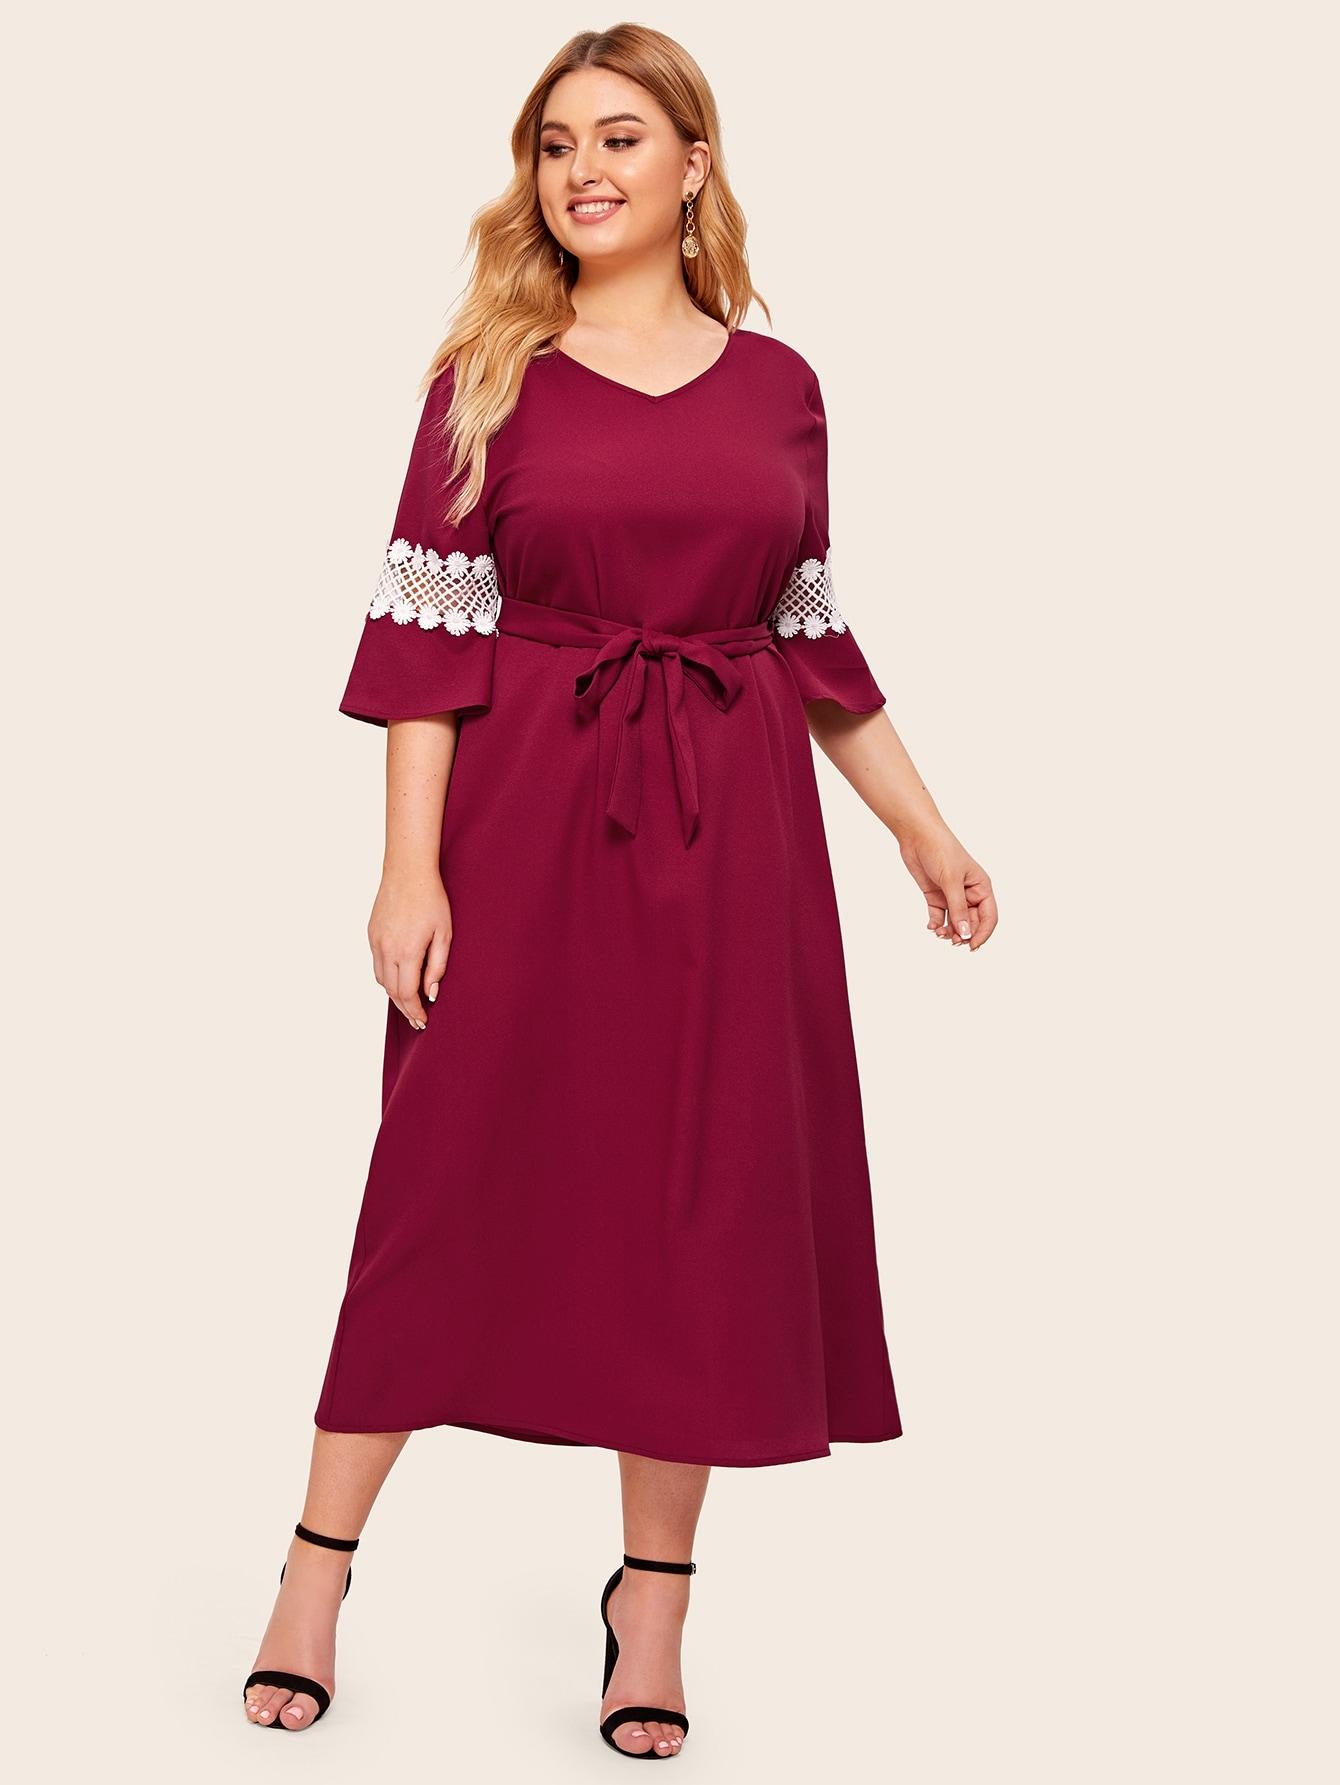 Фото - Платье с поясом, кружевной вставкой и V-образным вырезом размера плюс от SheIn бордового цвета